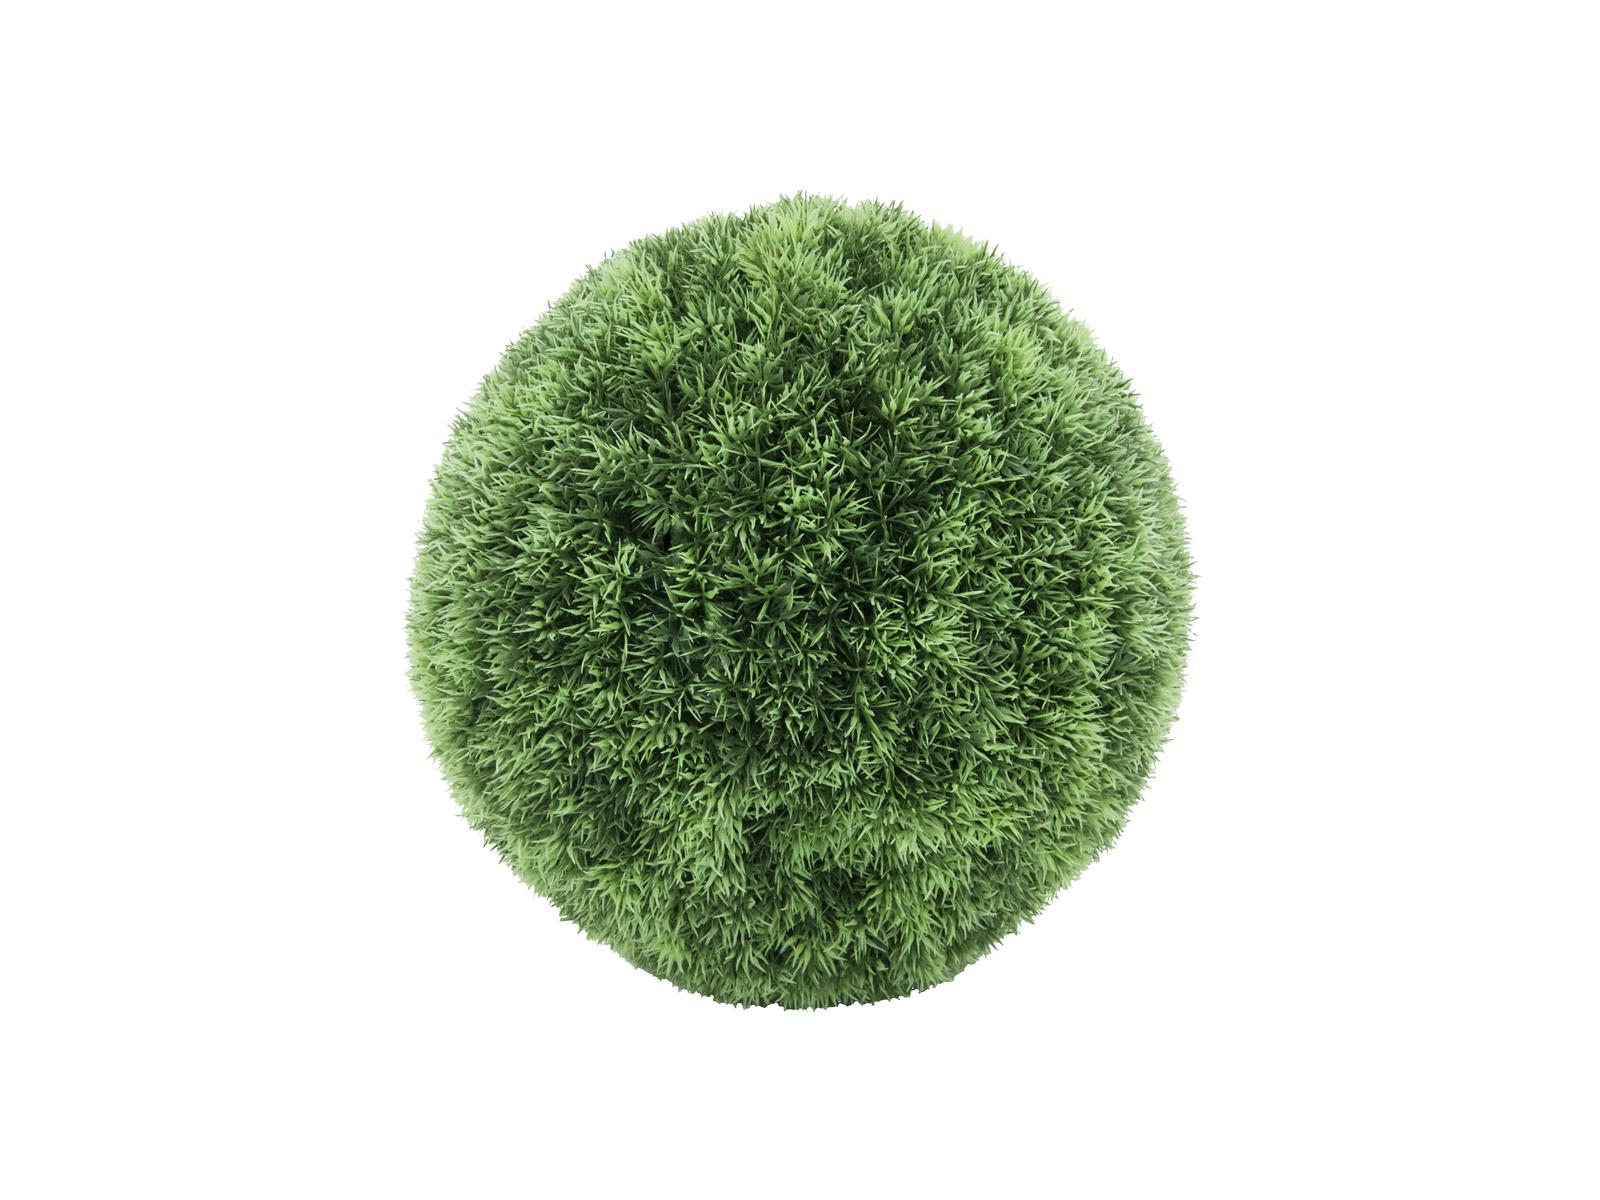 Dekorační travní koule, 39cm